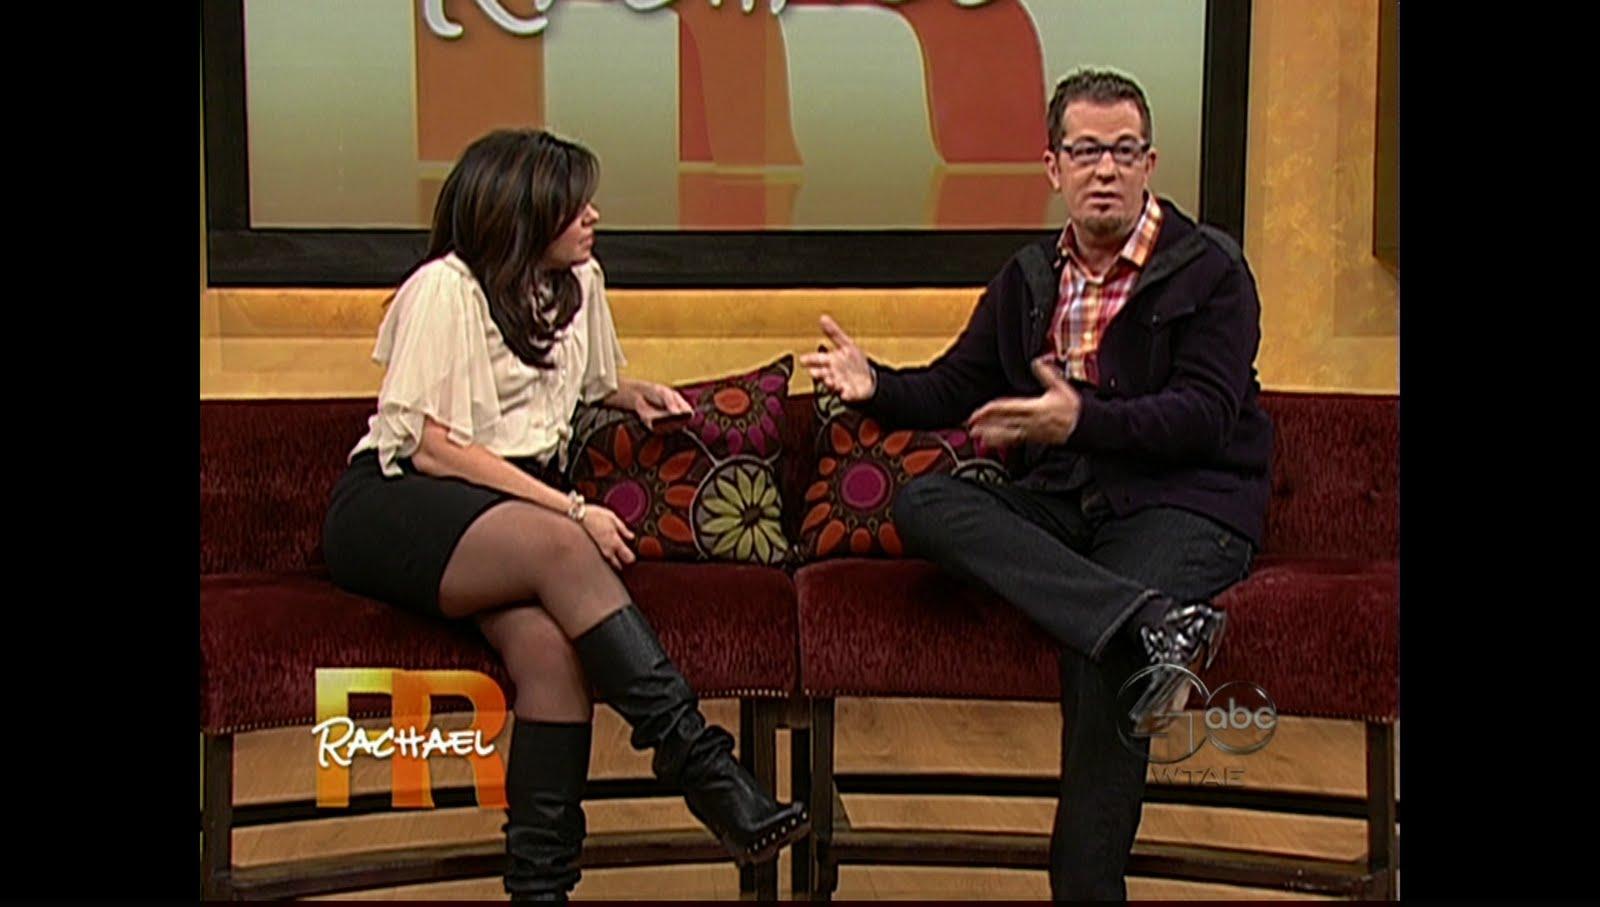 Rachel ray photos pantyhose